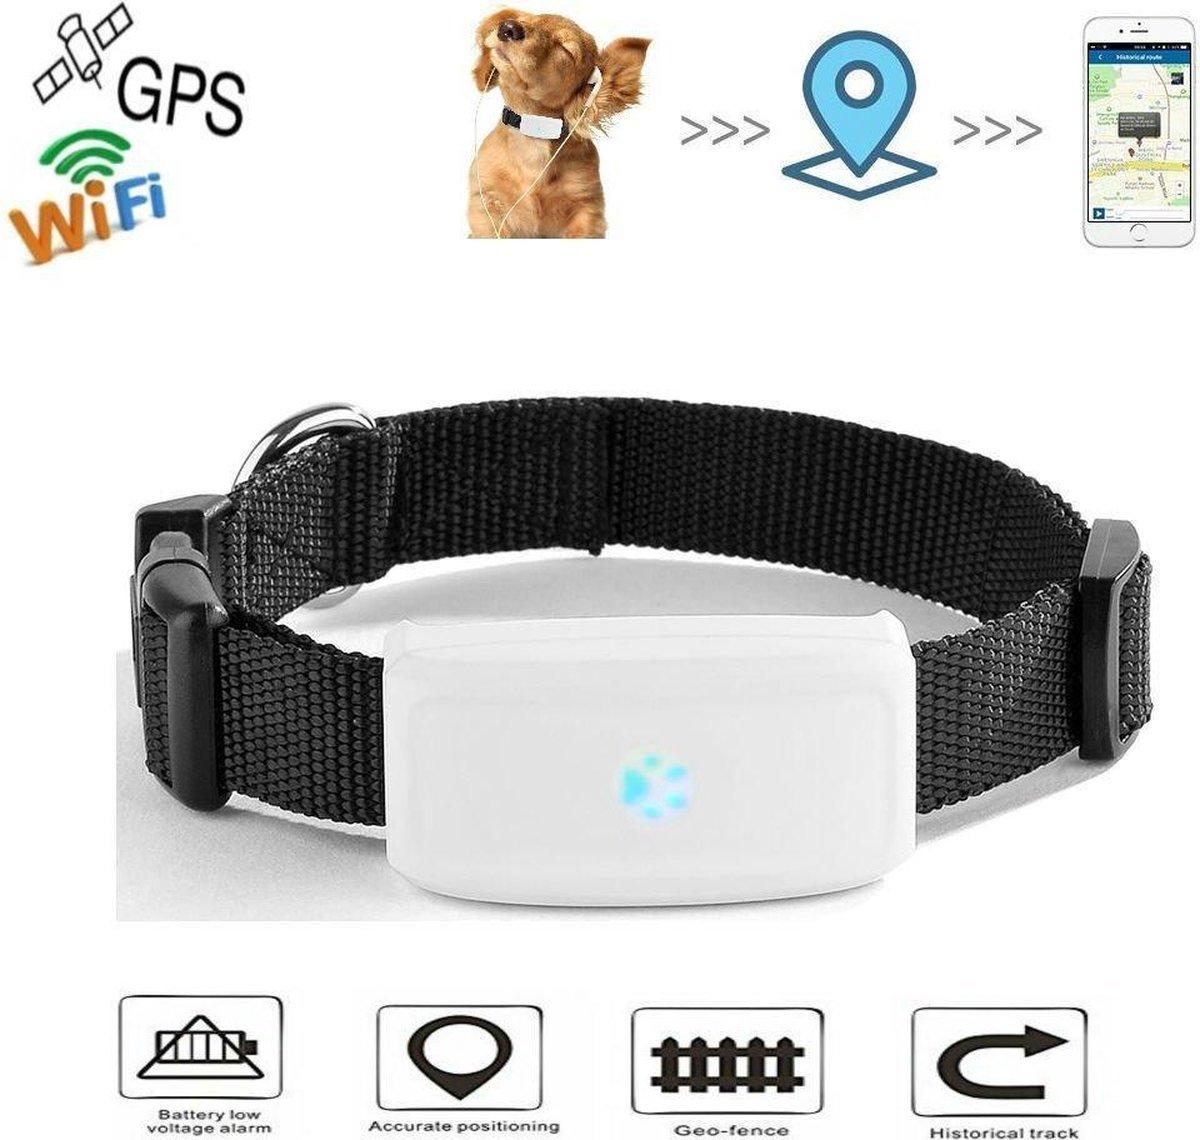 Huisdieren GPS-tracker   Anti Lost For Dogs Katten   Met kraag   Outdoor Navigation Locator Gratis A